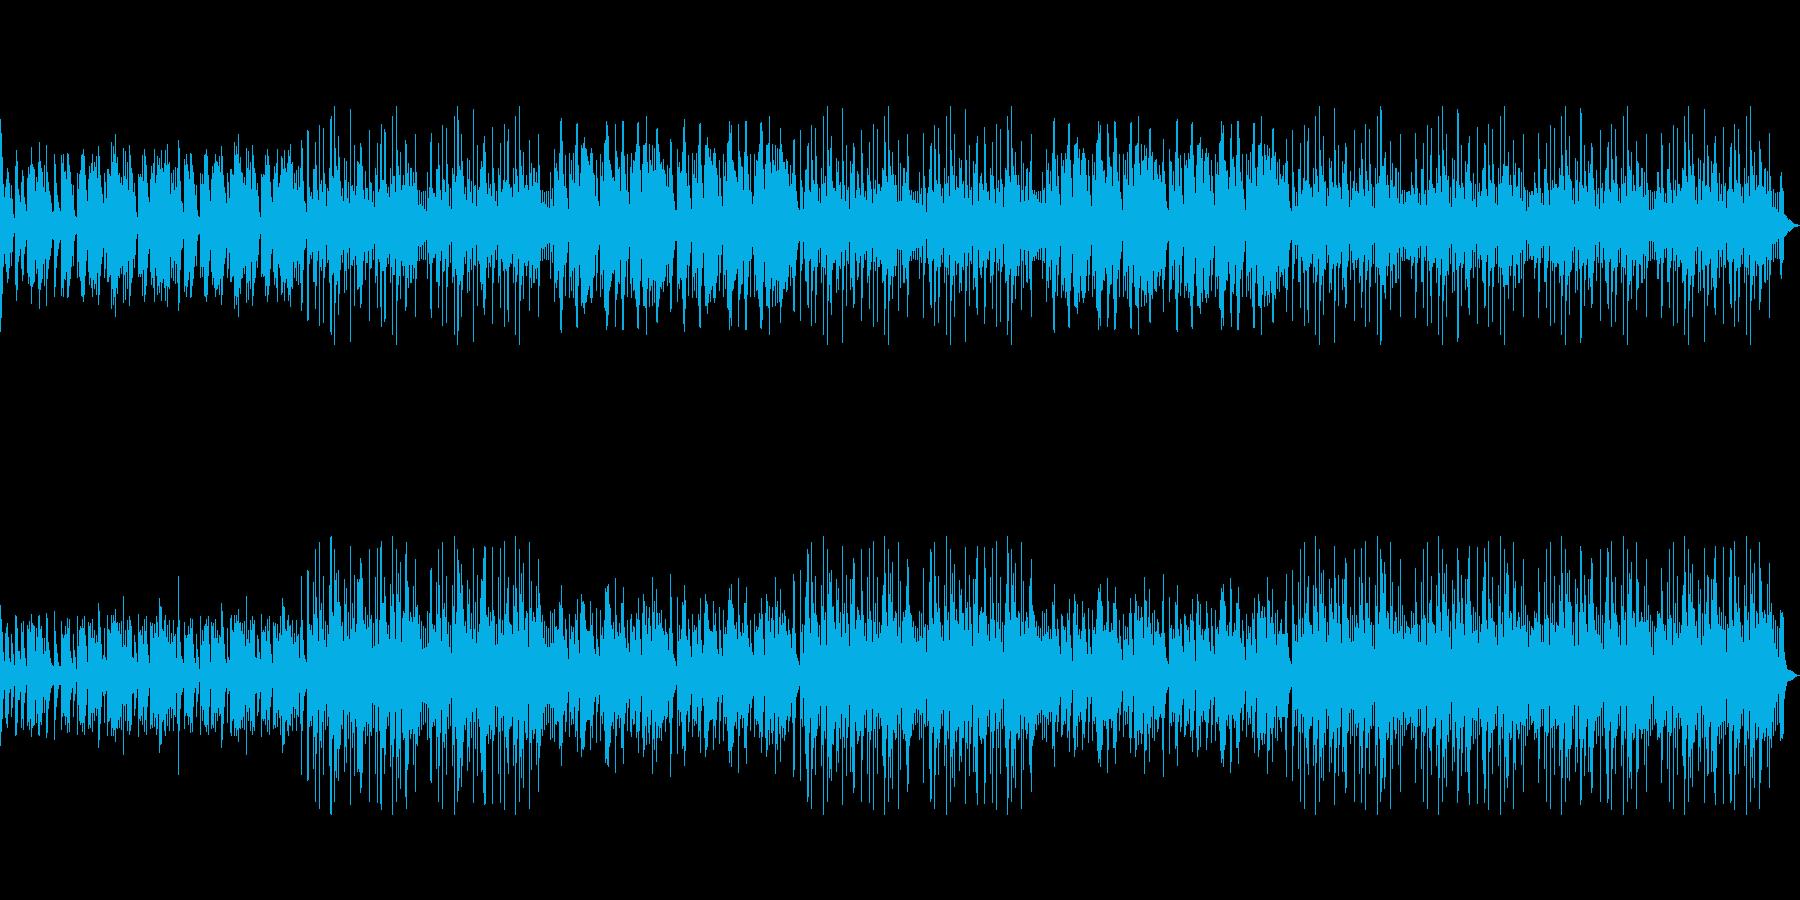 大河時代劇風BGMの再生済みの波形